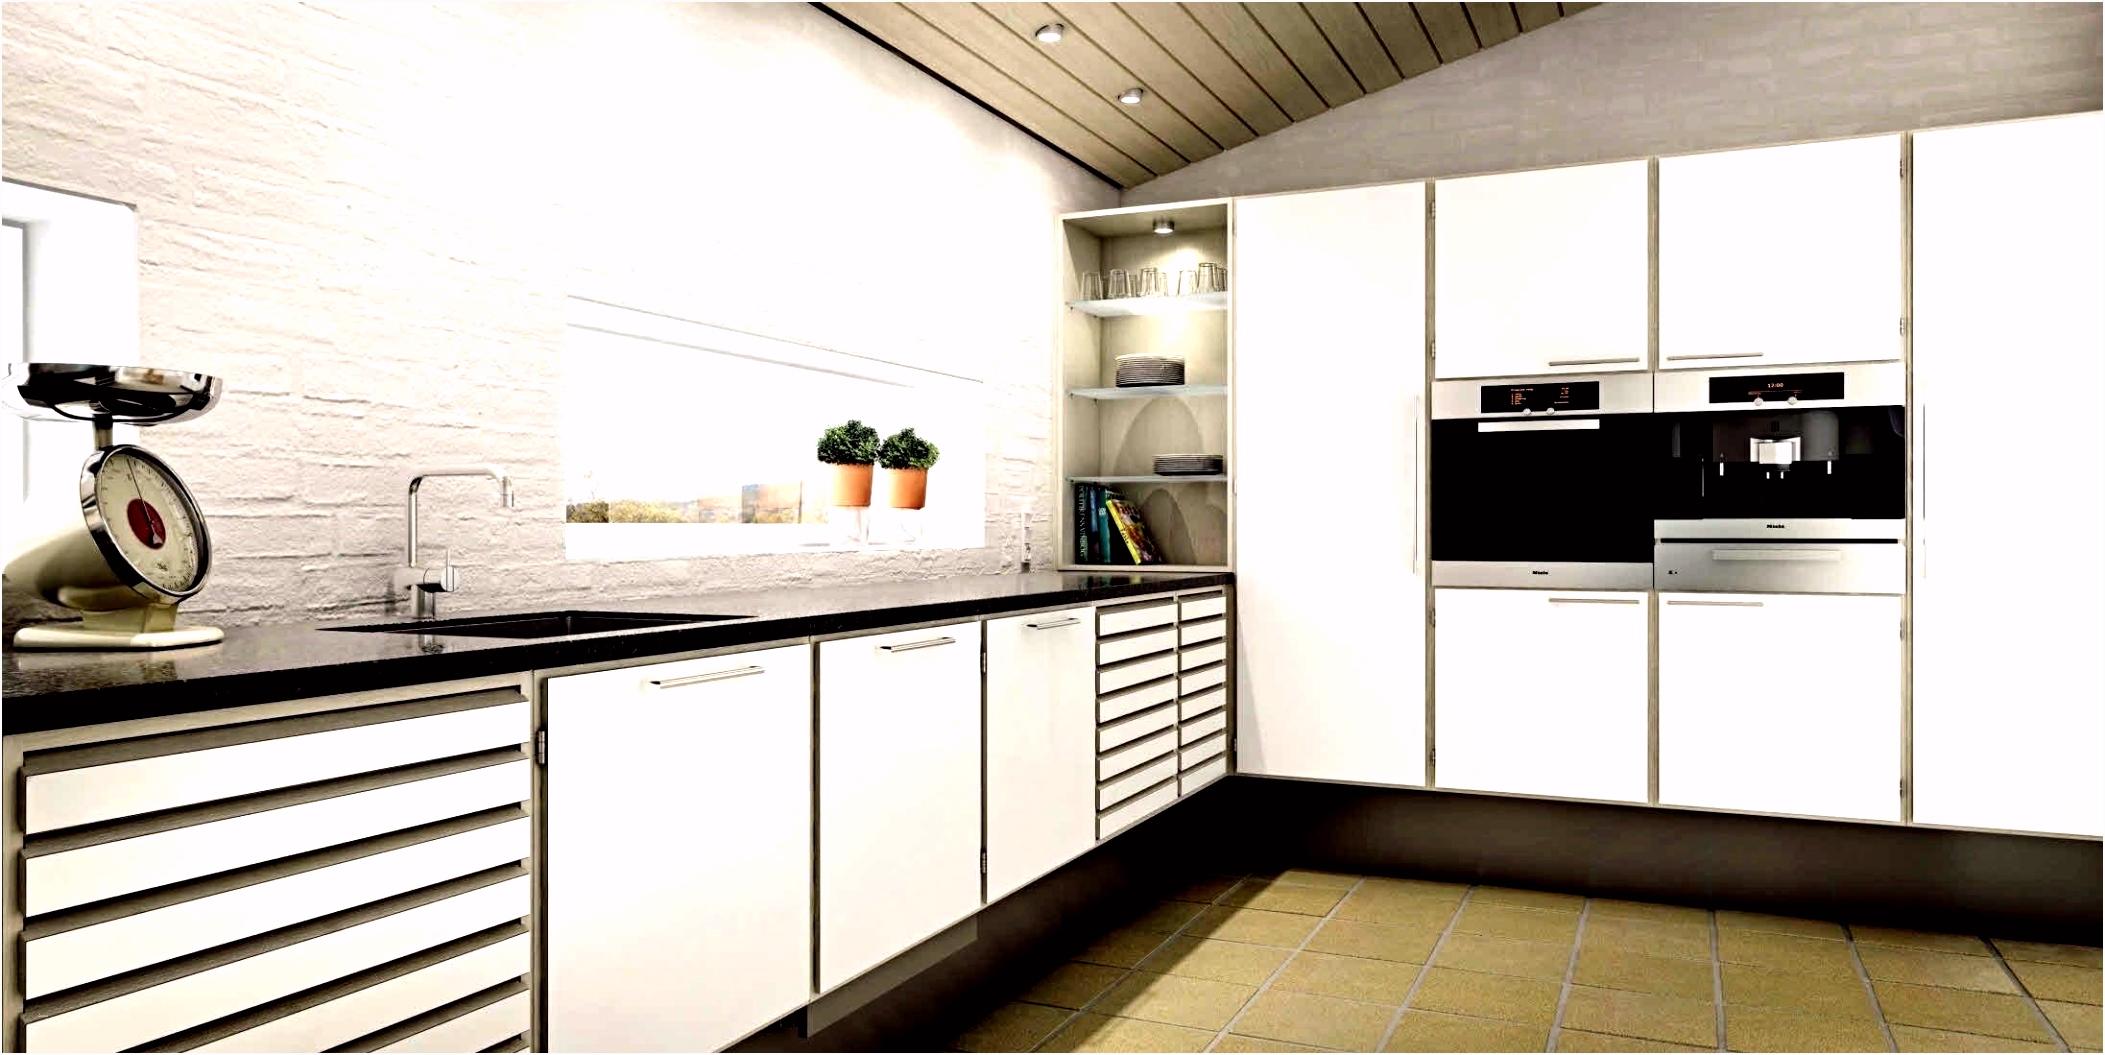 Kuche Ausmessen Vorlage Alte Küche Ideen W1nd13enb8 Muokvuupa2